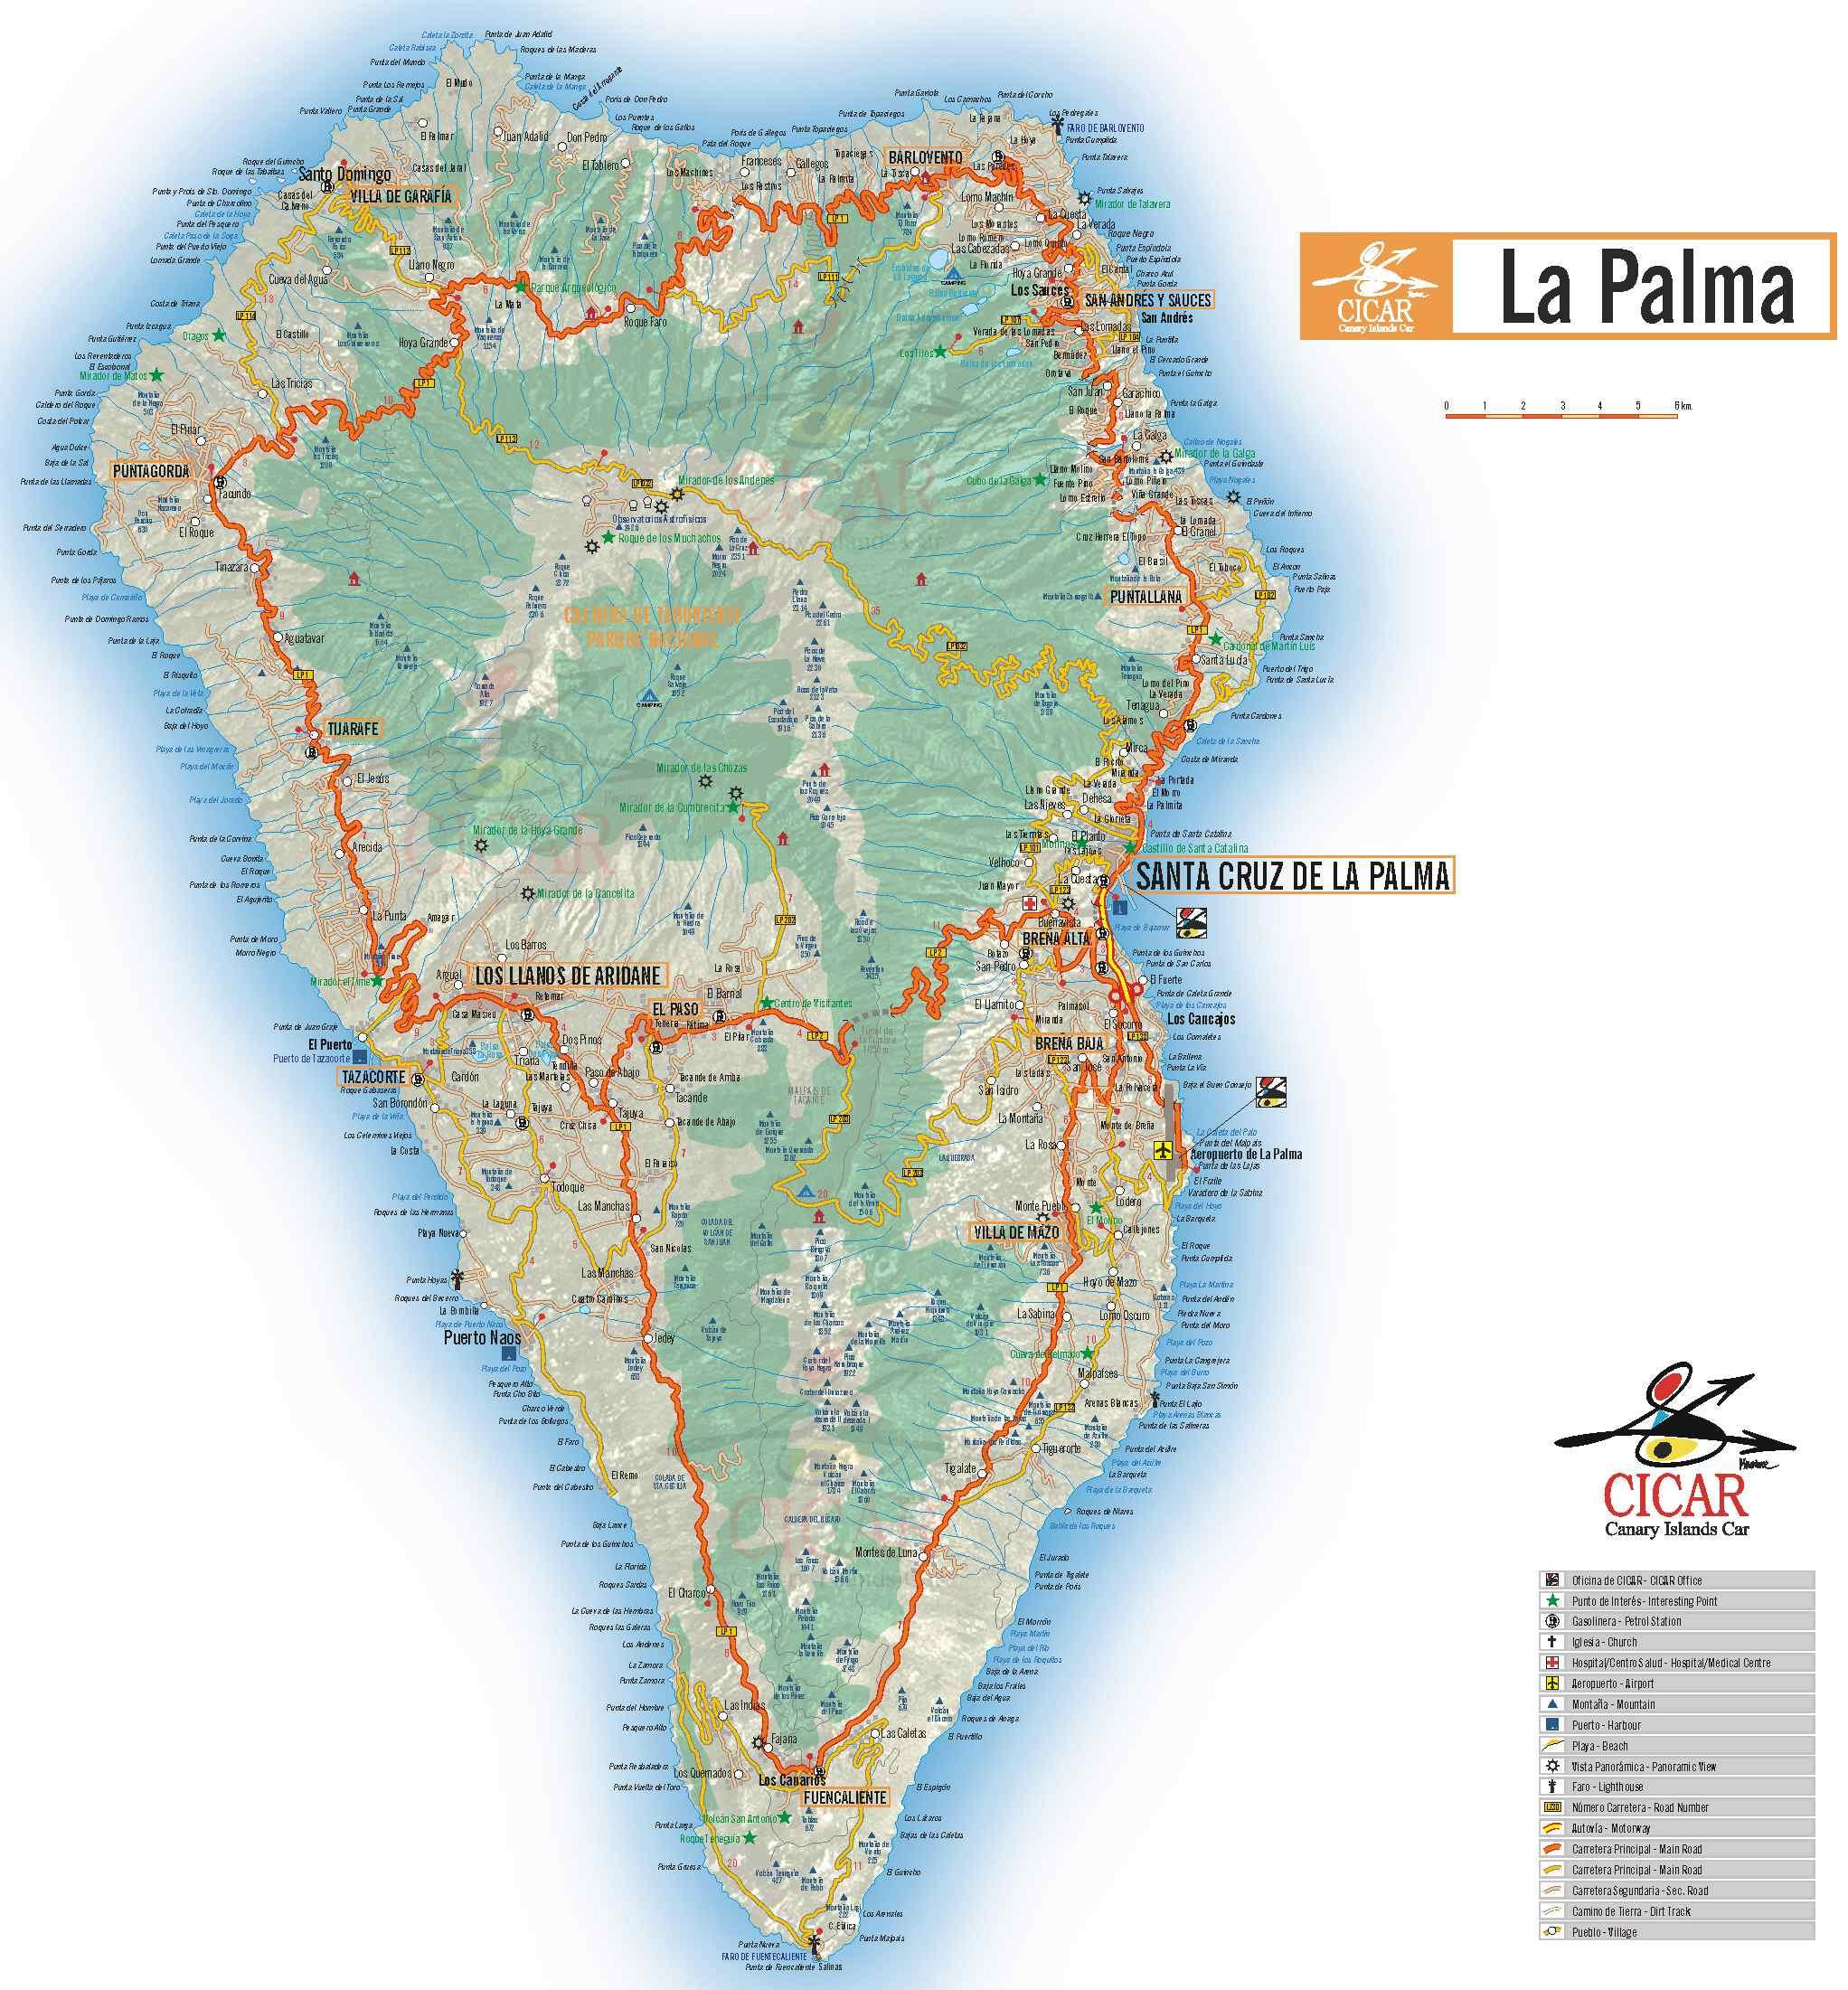 karte la palma La Palma Karte   grosse Karte La Palma karte la palma